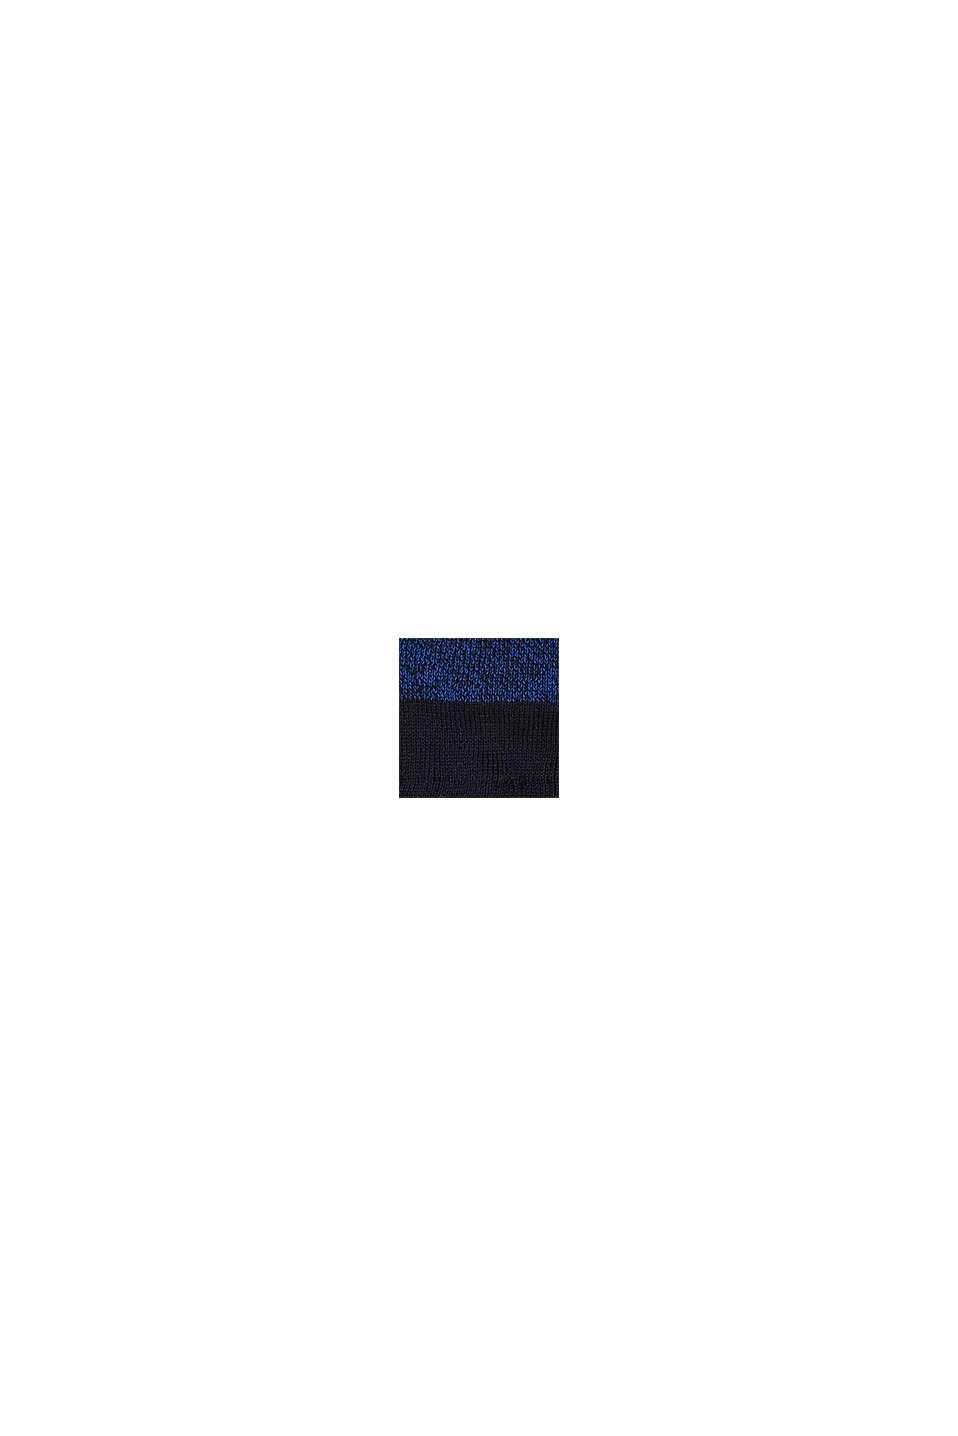 Gorro con diseño de bloques de color, NAVY, swatch